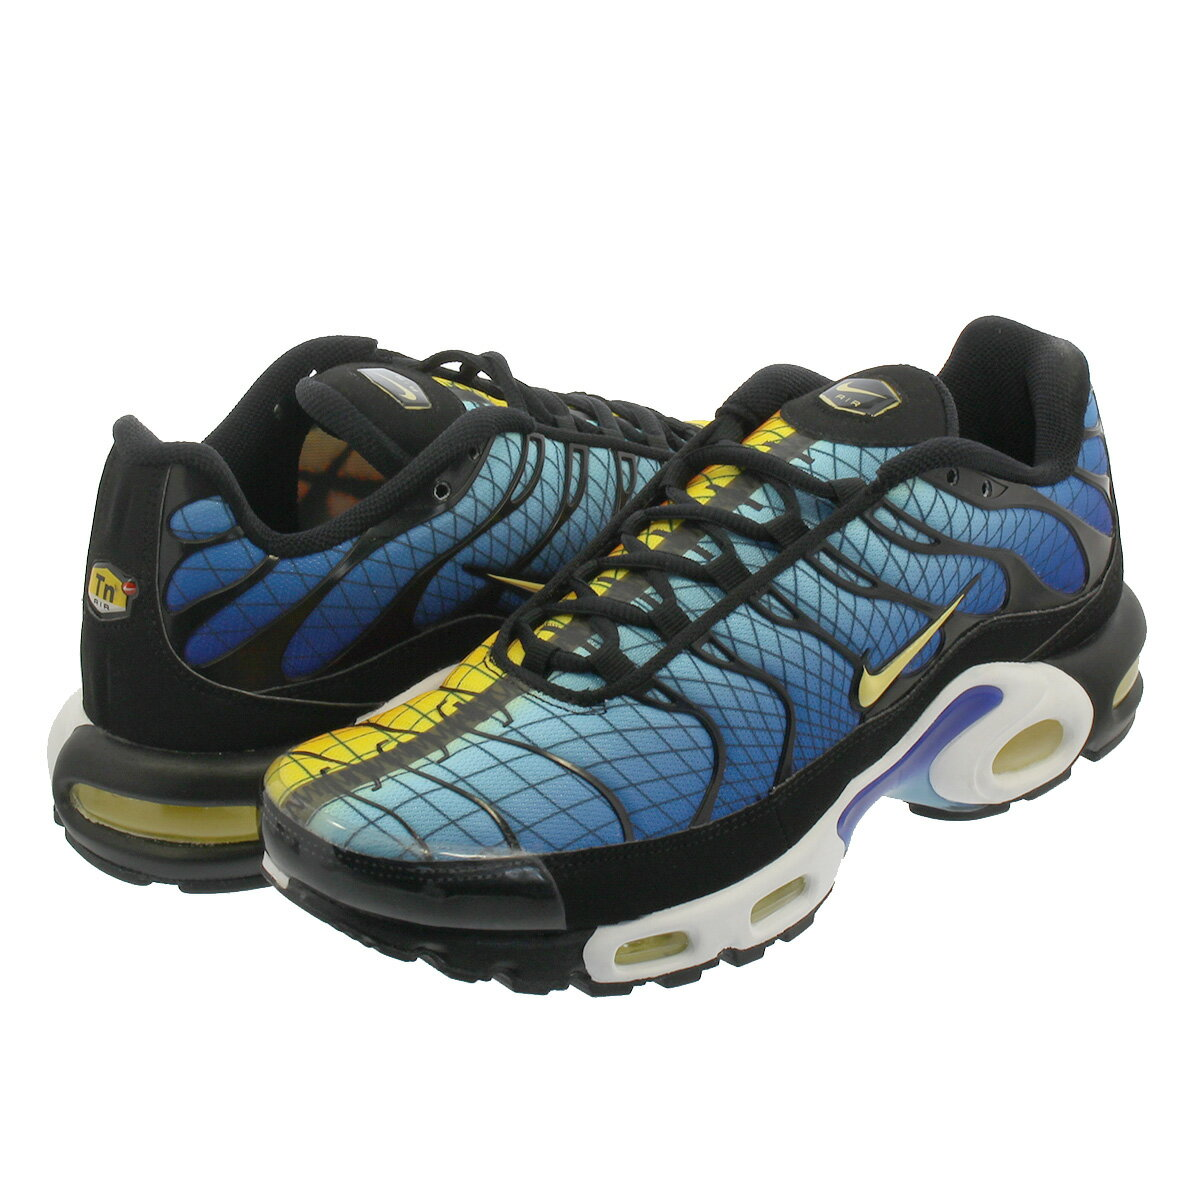 メンズ靴, スニーカー  NIKE AIR MAX PLUS TN SE GREEDY TN SE GREEDY BLACKCHILE REDYELLOWORANGE av7021-001